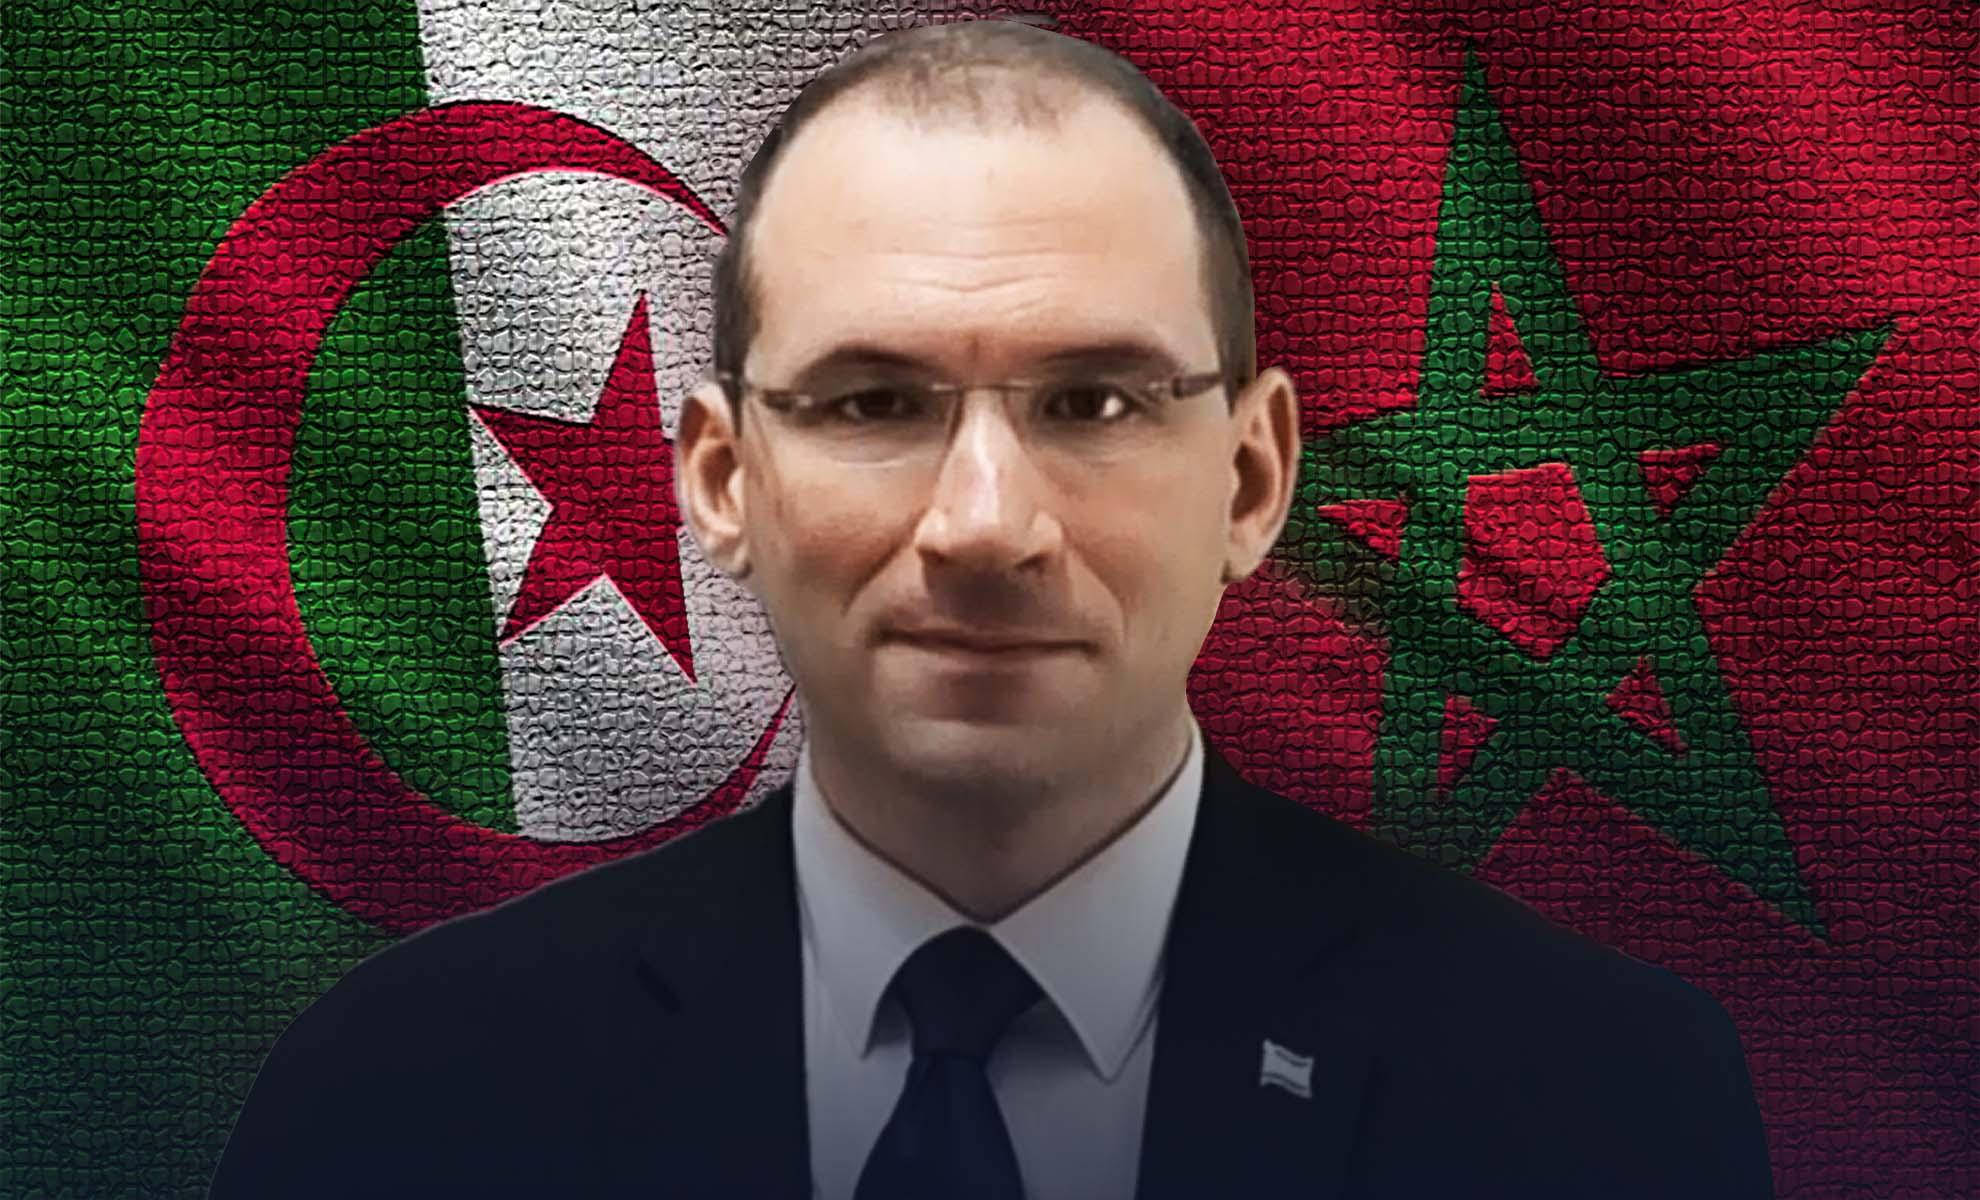 أكاديمي إسرائيلي يعرض على المغرب القتال إلى جانب جشيه في محاربة البوليساريو!